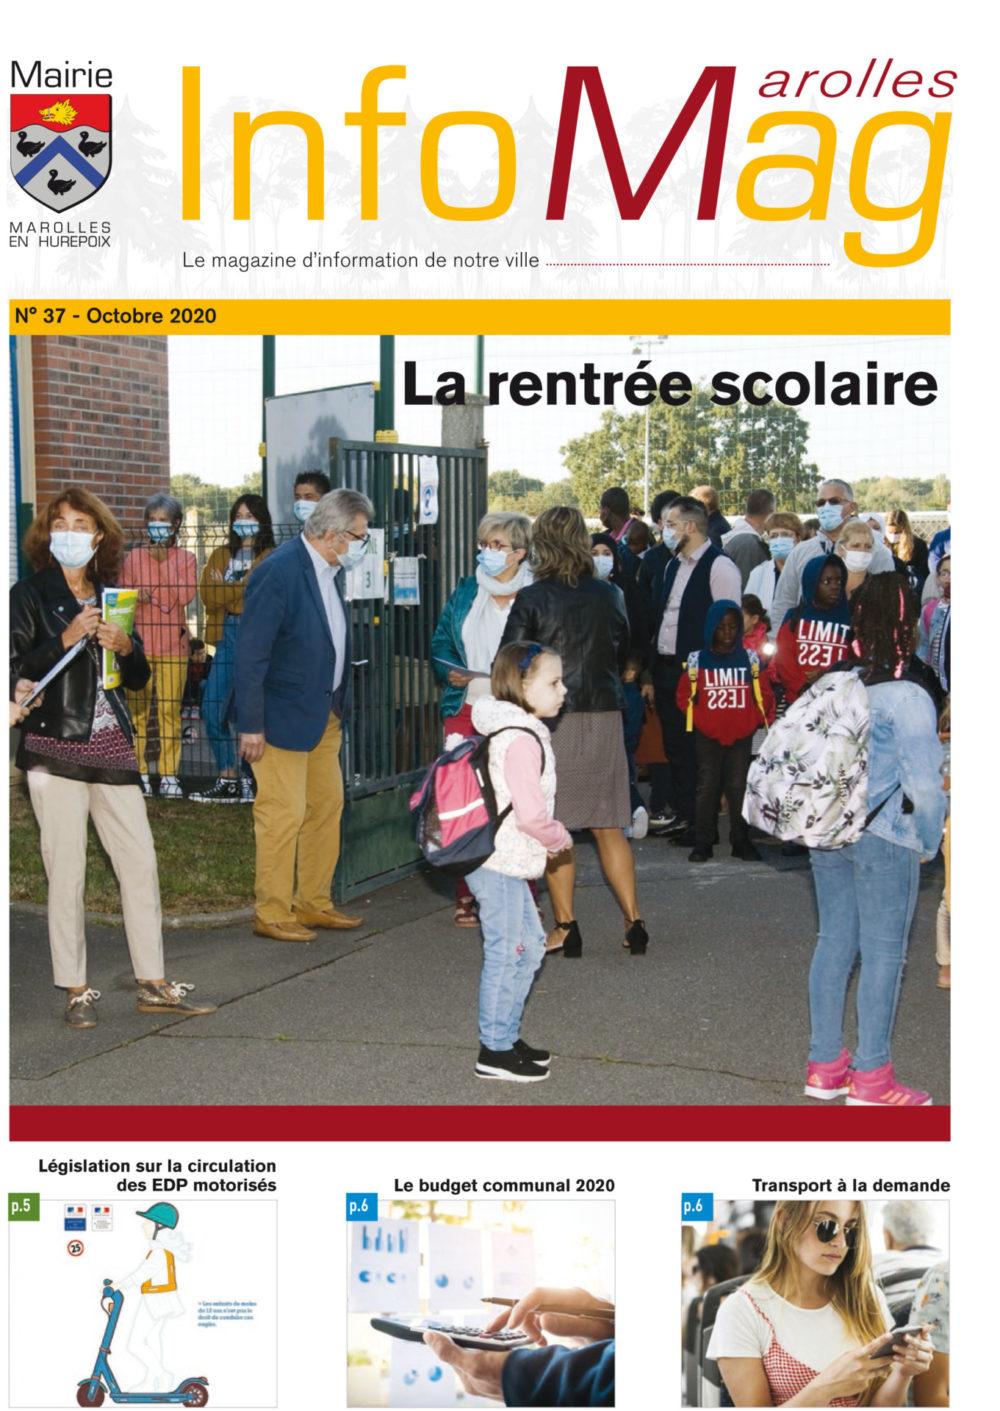 Marolles InfoMag n°37